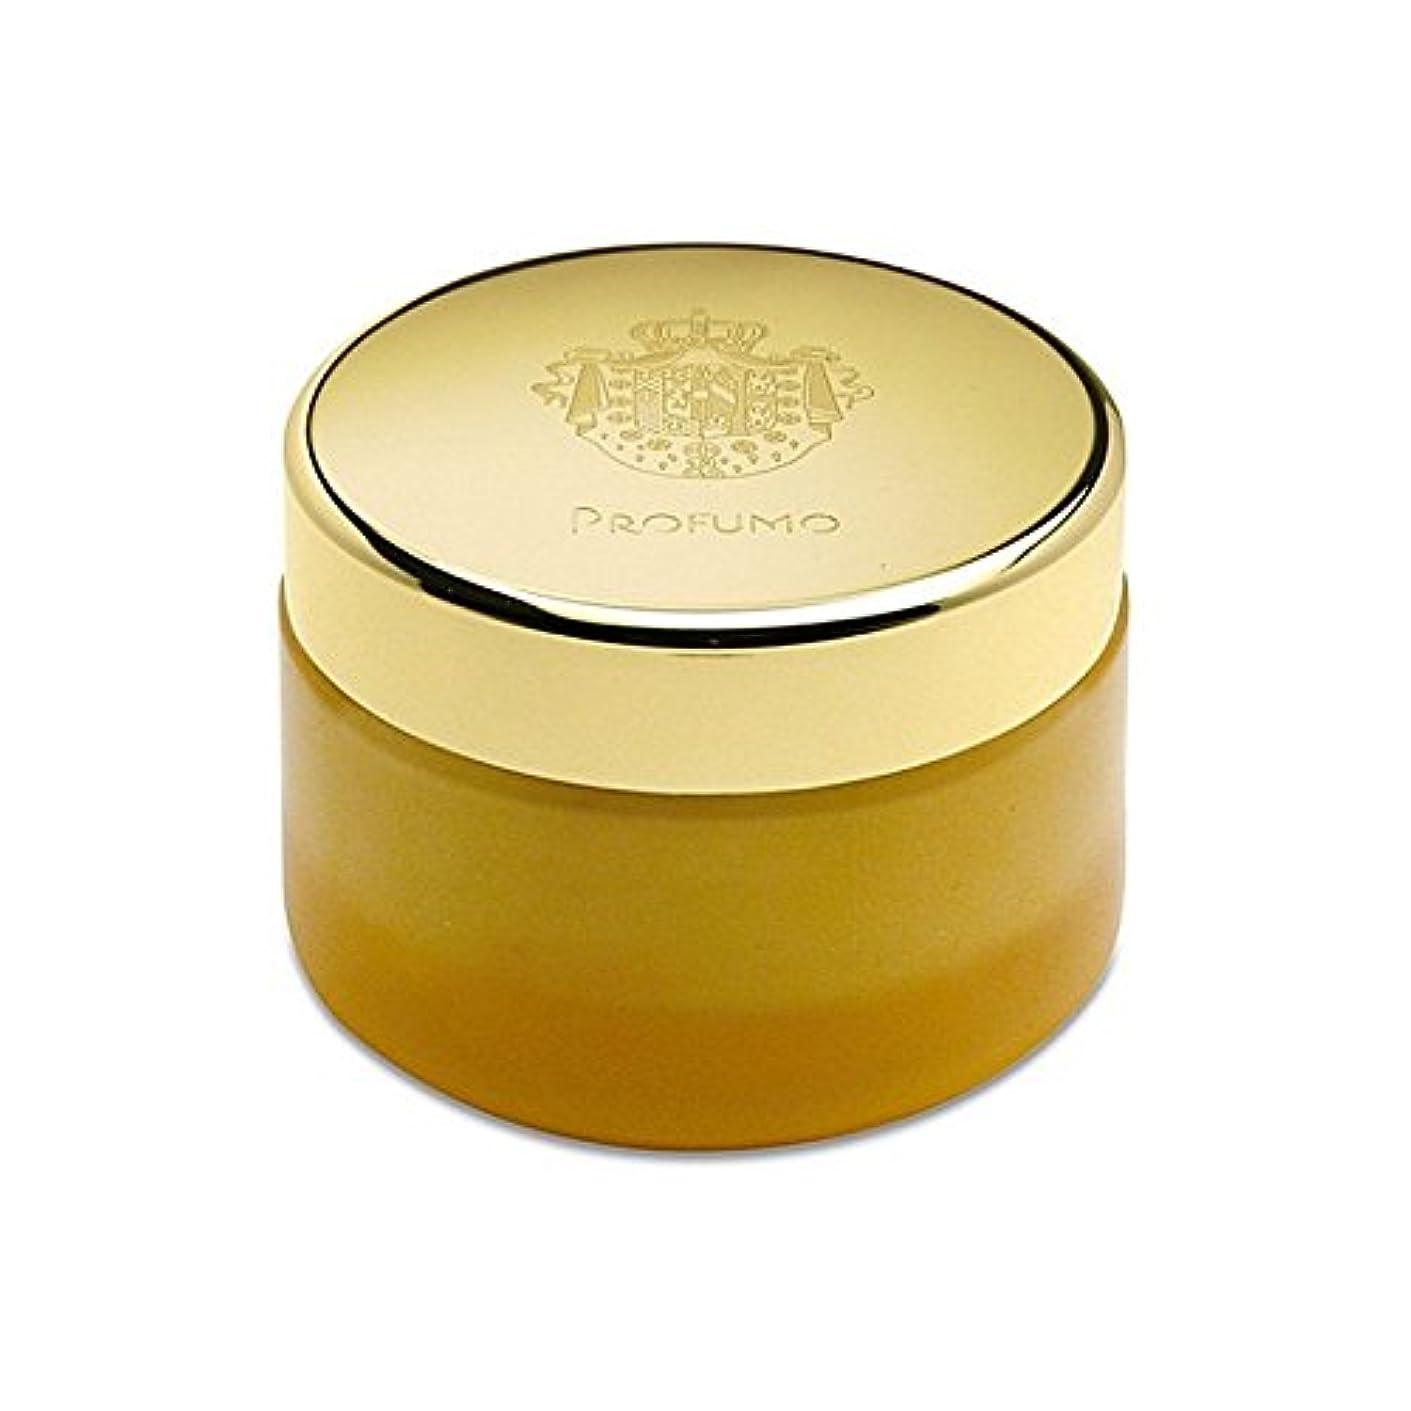 汚染受け入れマーケティングアクアディパルマボディクリーム200ミリリットル x2 - Acqua Di Parma Profumo Body Cream 200ml (Pack of 2) [並行輸入品]